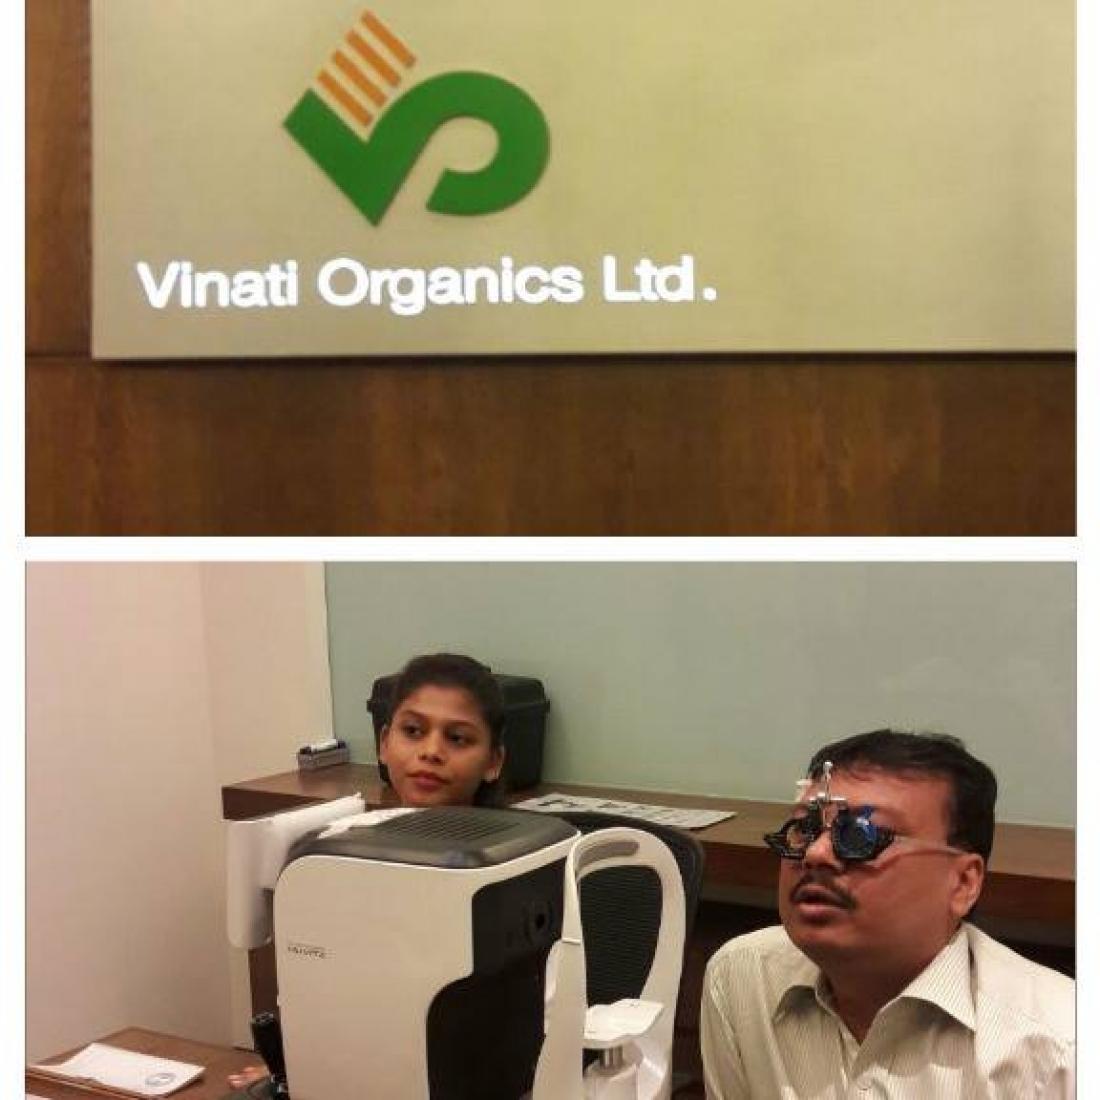 Vinati Organics Ltd